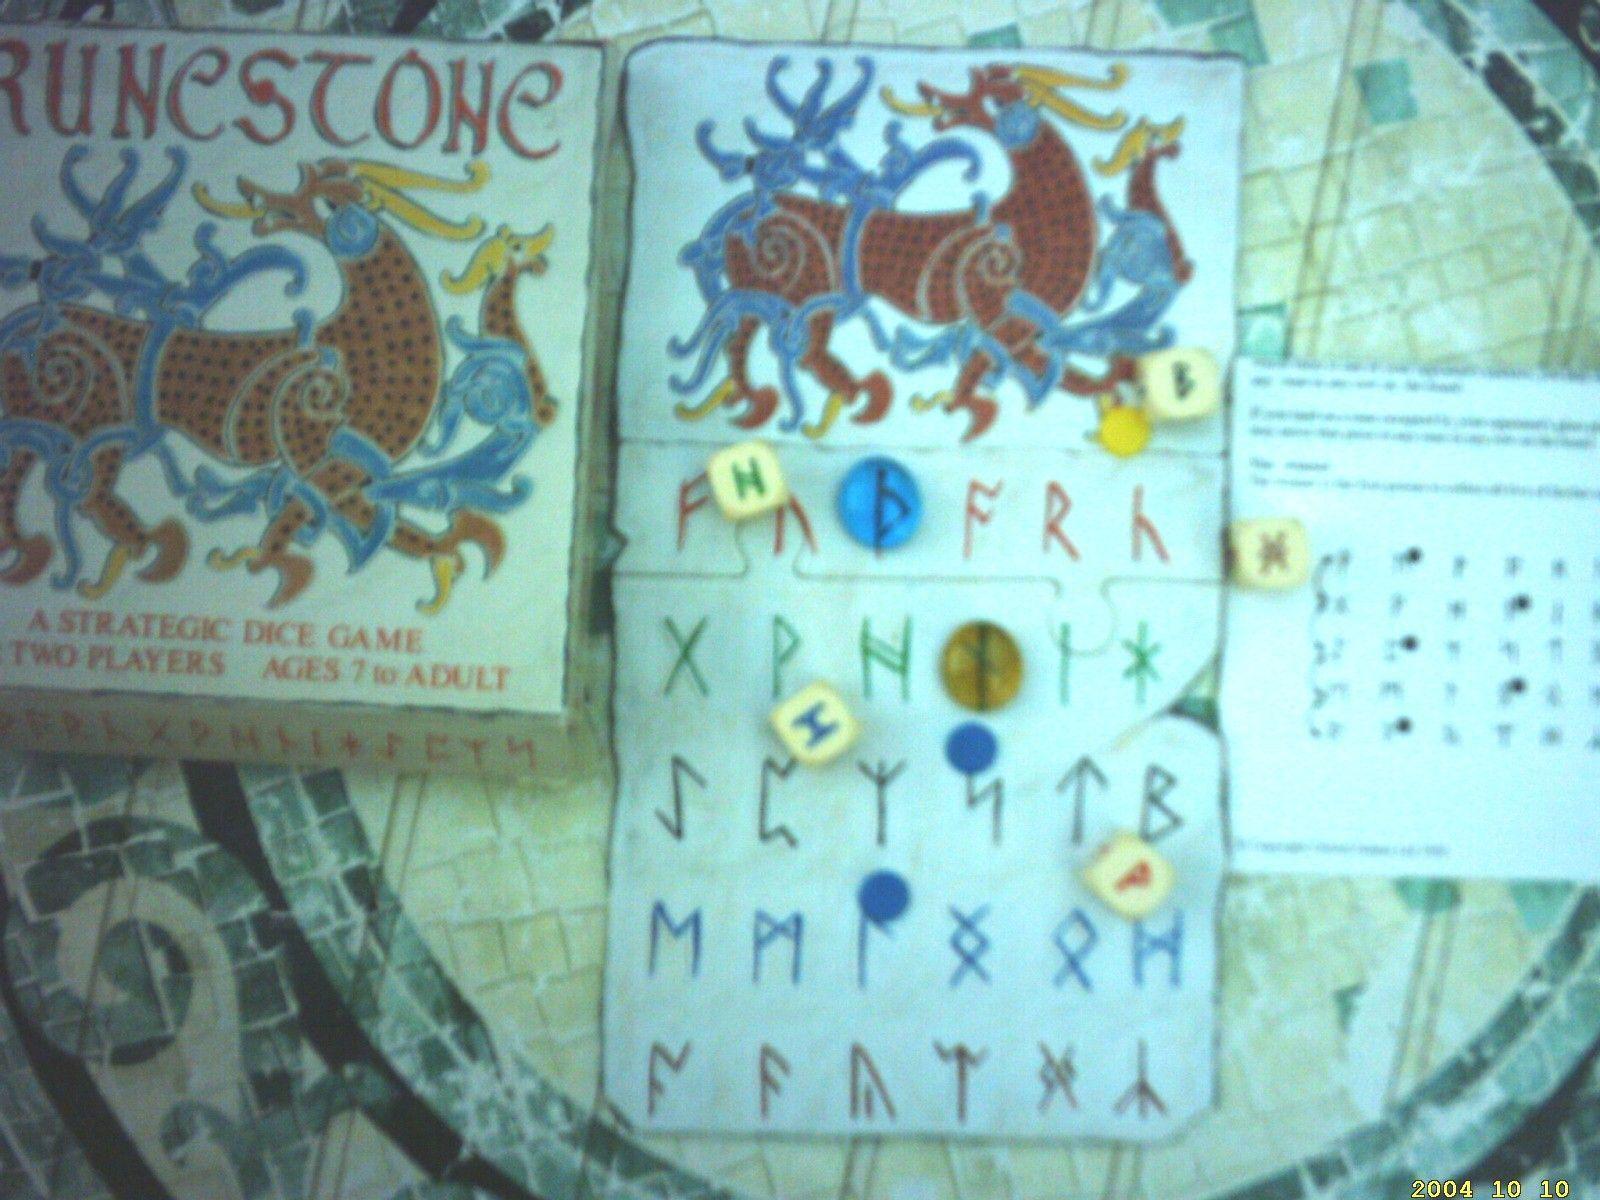 настольная игра Runestone